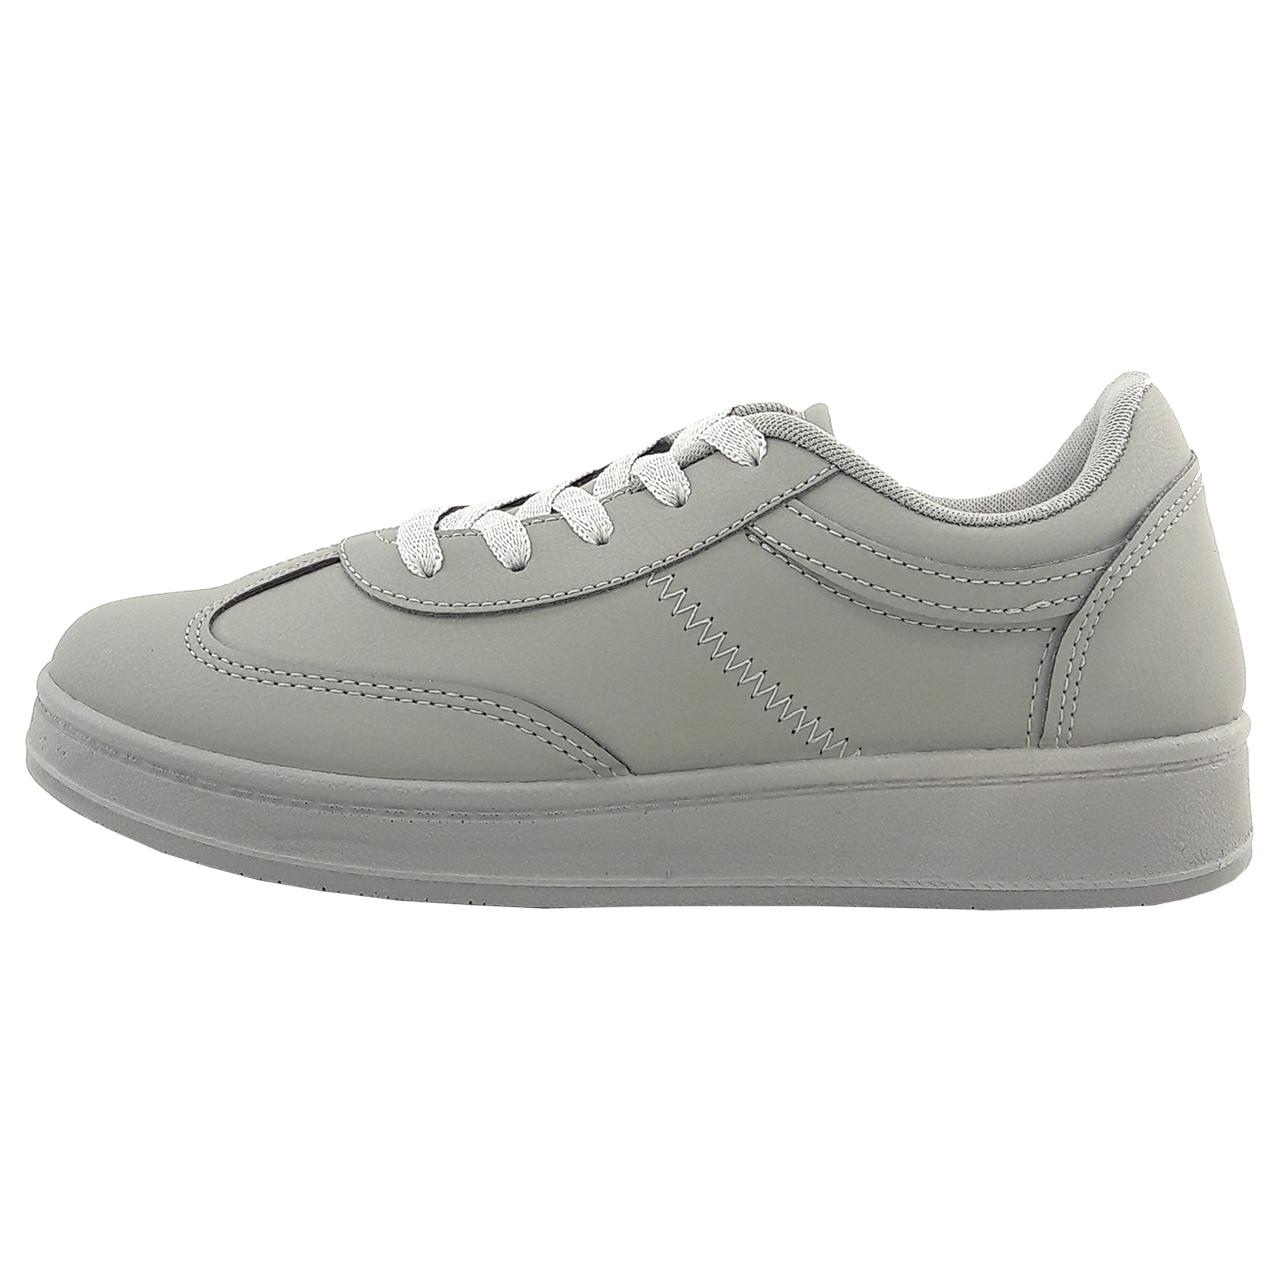 کفش مخصوص پیاده روی زنانه مدل Ad.brk.gry-01